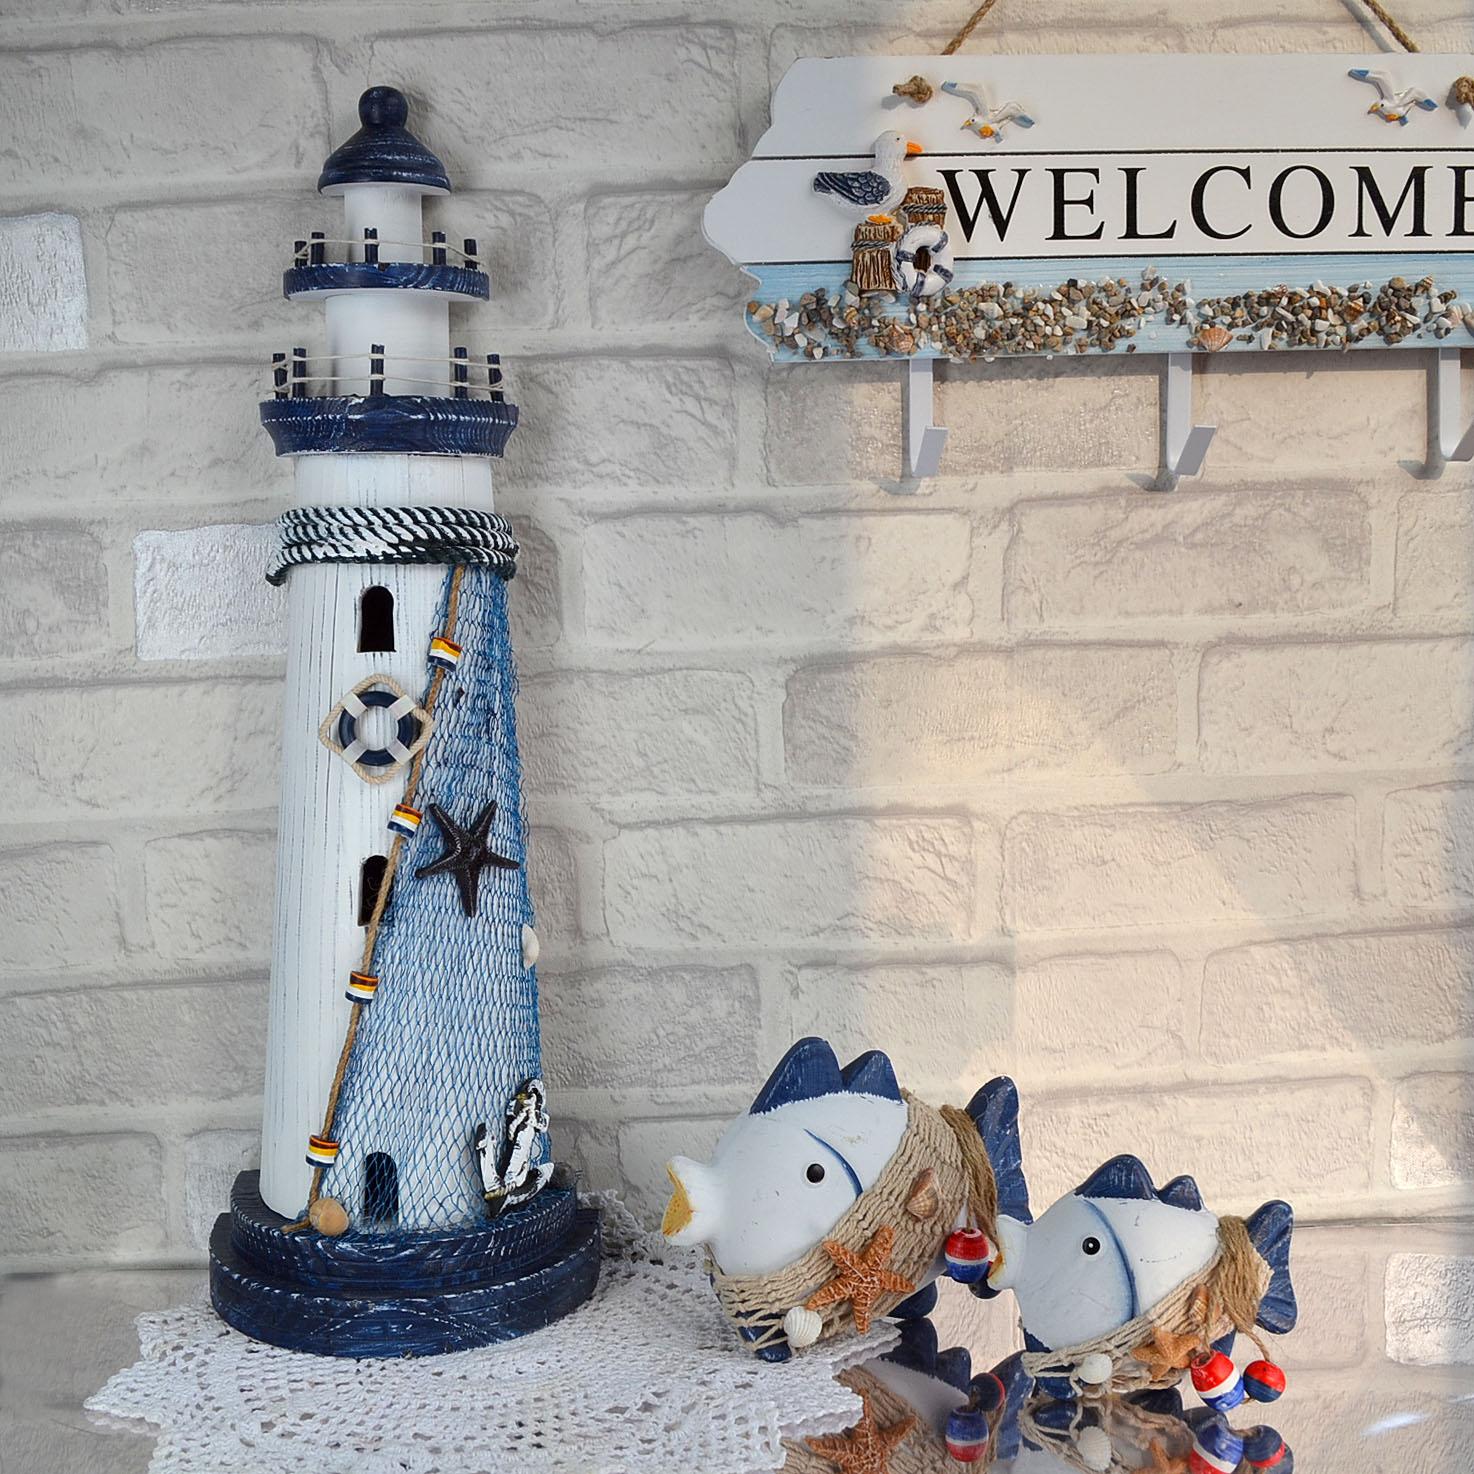 地中海海洋创意家饰纯手工做旧木质灯塔橱窗工艺品装饰摆件装饰品